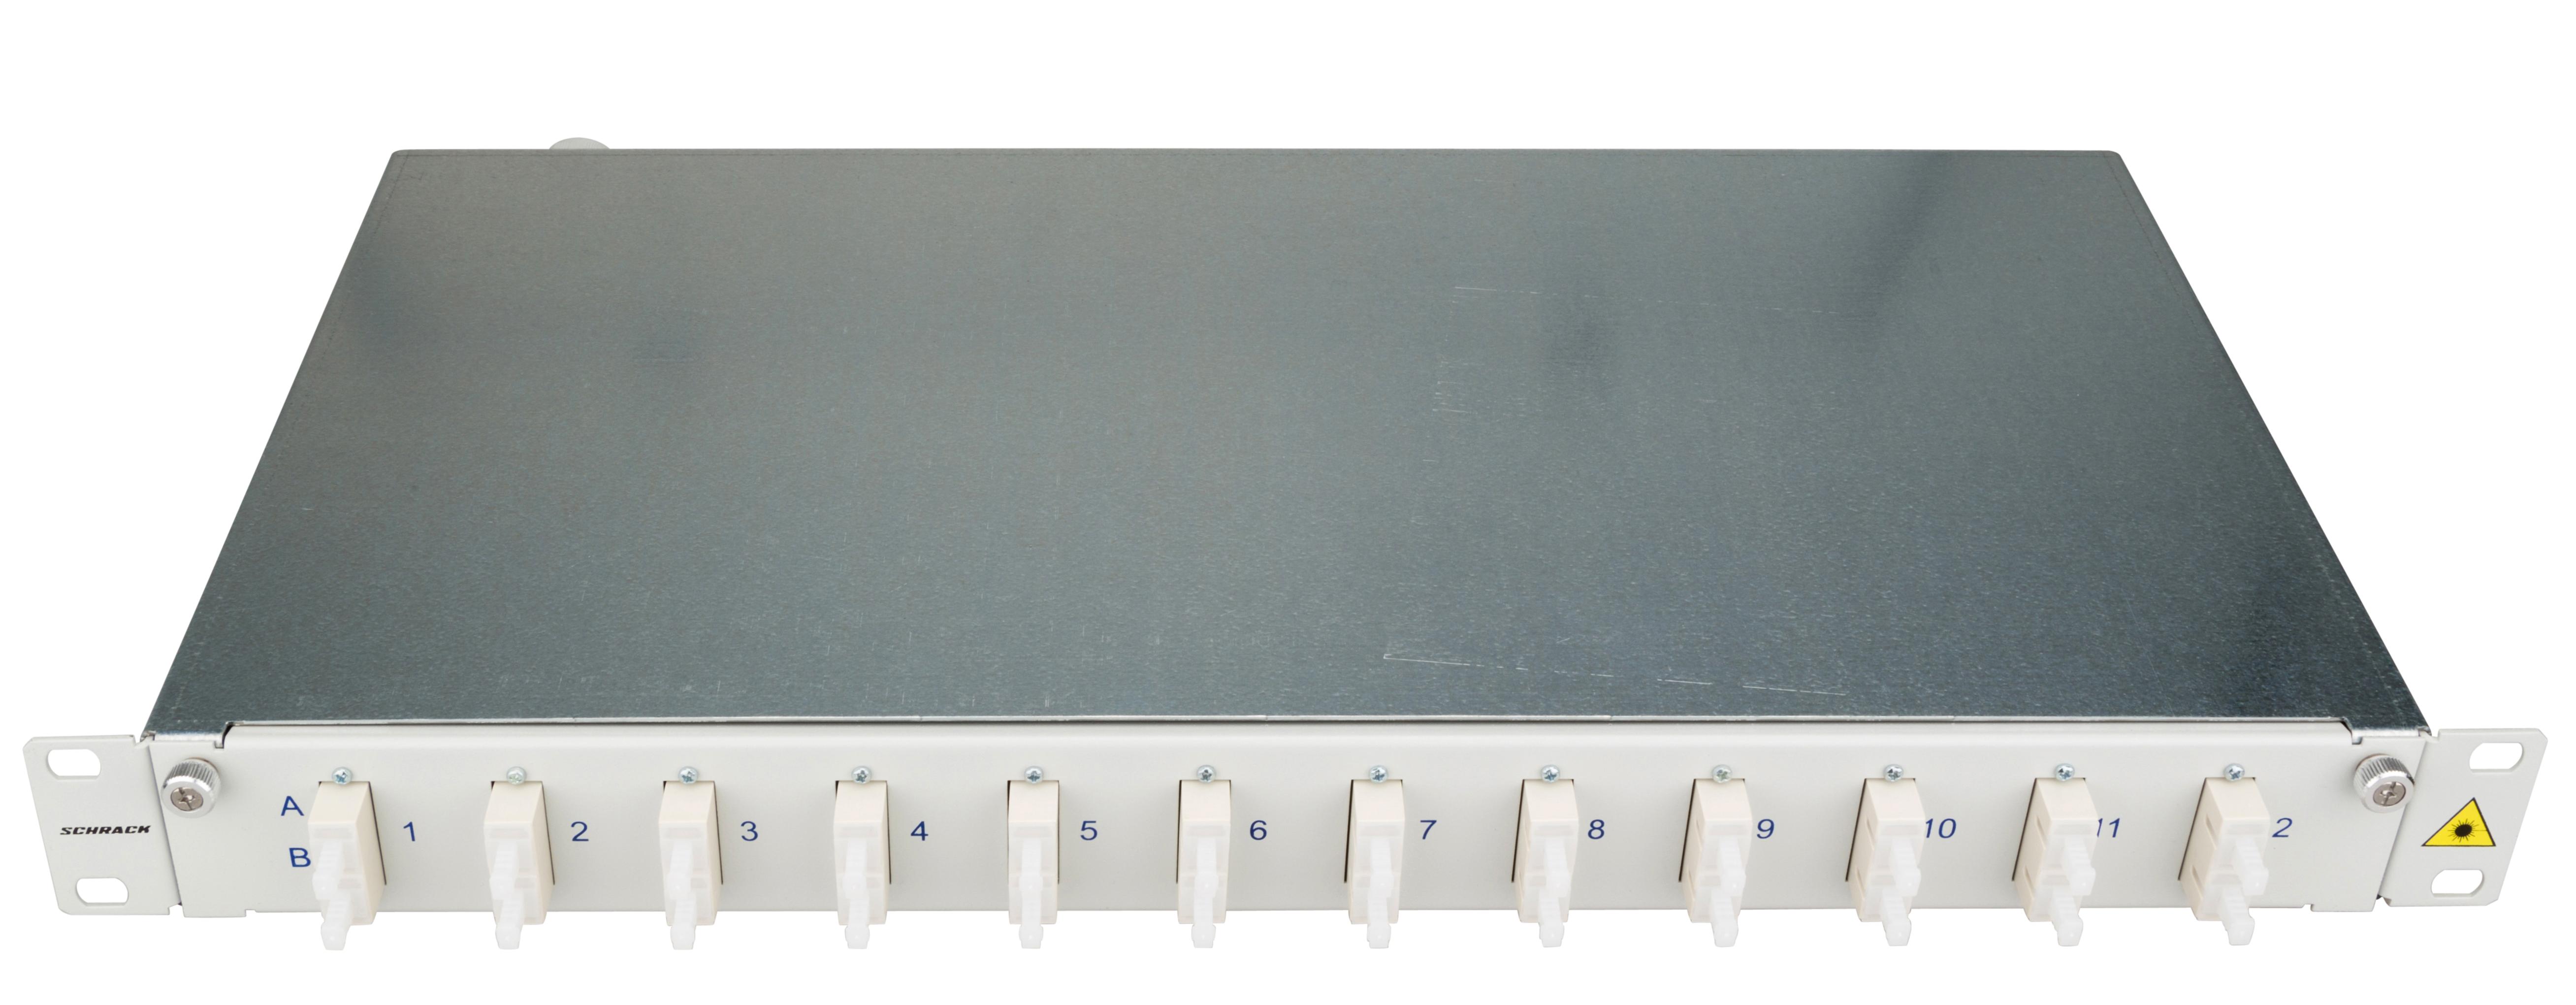 1 Stk LWL Patchpanel 19, 1 HE, ausziehbar, für 24 Fasern, SC, MM HSELS24MCG